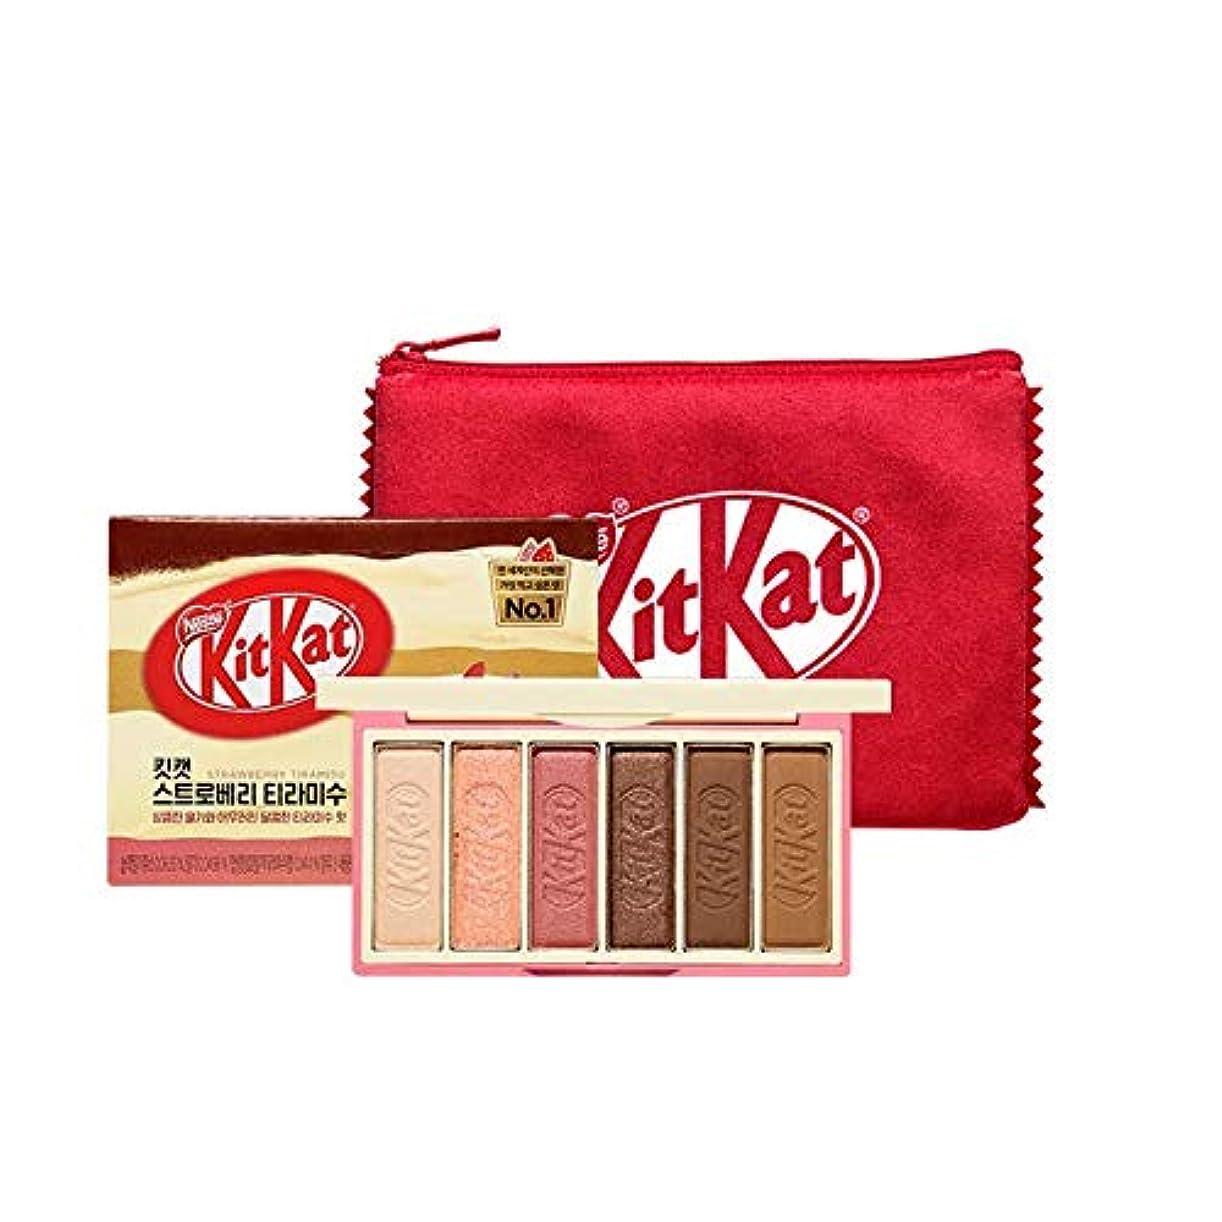 政治家の代わってパズルエチュードハウス キットカット プレイカラー アイズ ミニ キット 1*6g / ETUDE HOUSE KitKat Play Color Eyes Mini Kit #2 KitKat Strawberry Tiramisu...